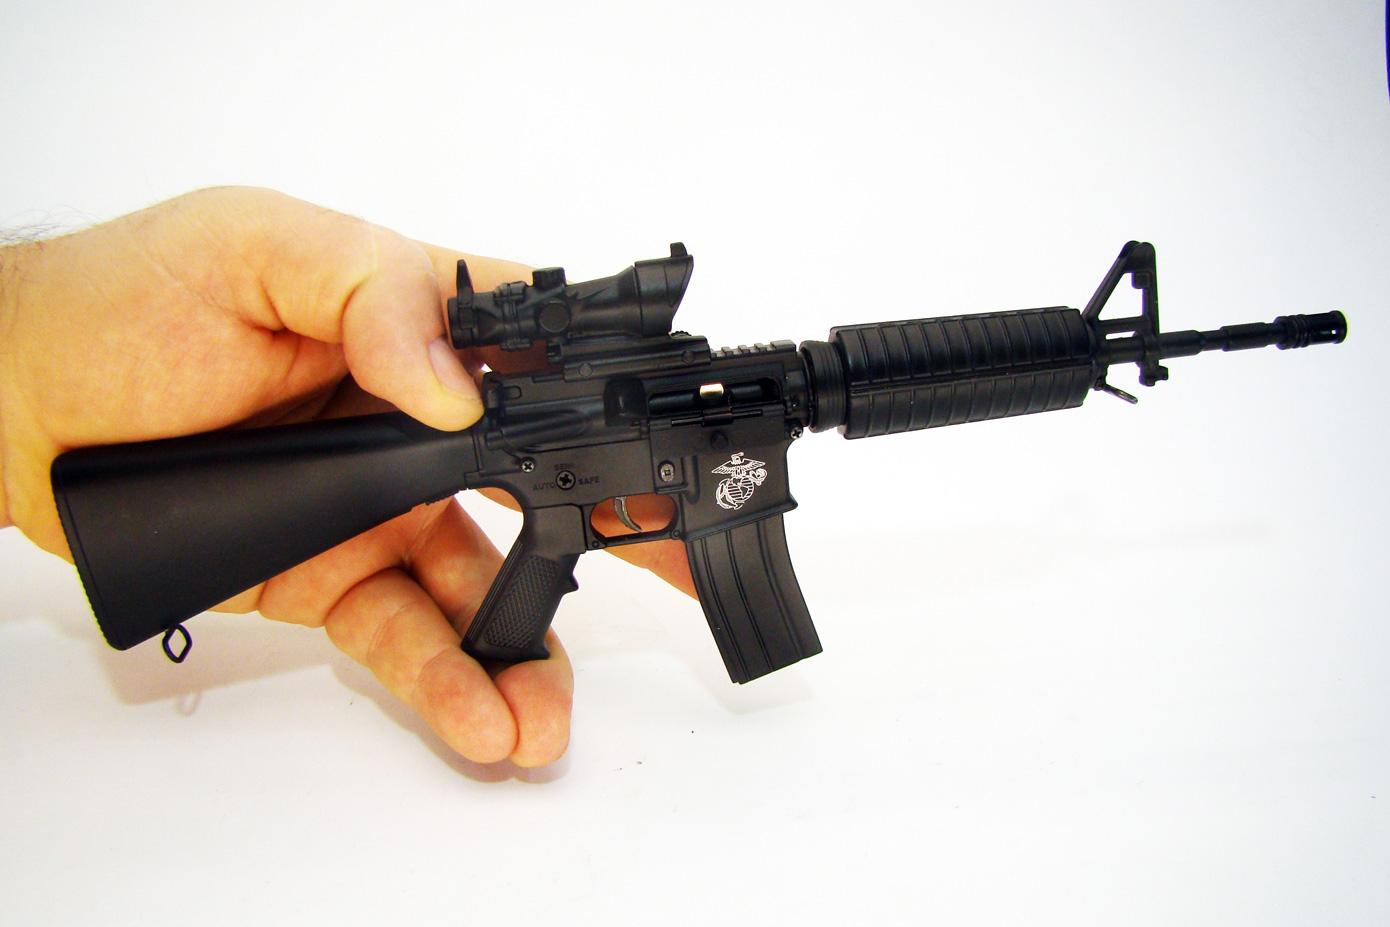 Colt AR15 изображение 1